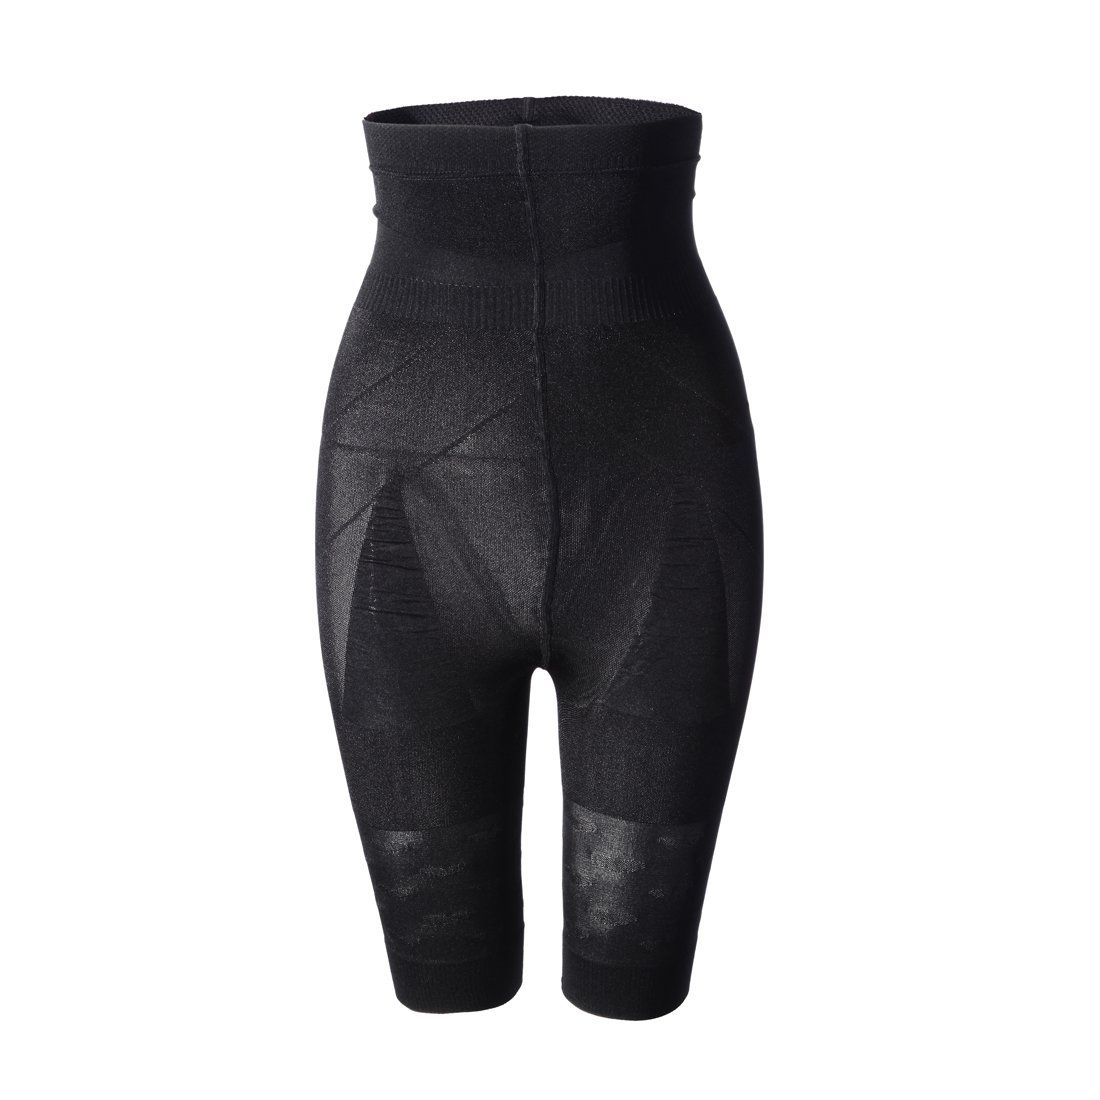 Andux Mujer faja reductora pantalones adelgazamiento ropa interior SS-W02 Negro: Amazon.es: Deportes y aire libre